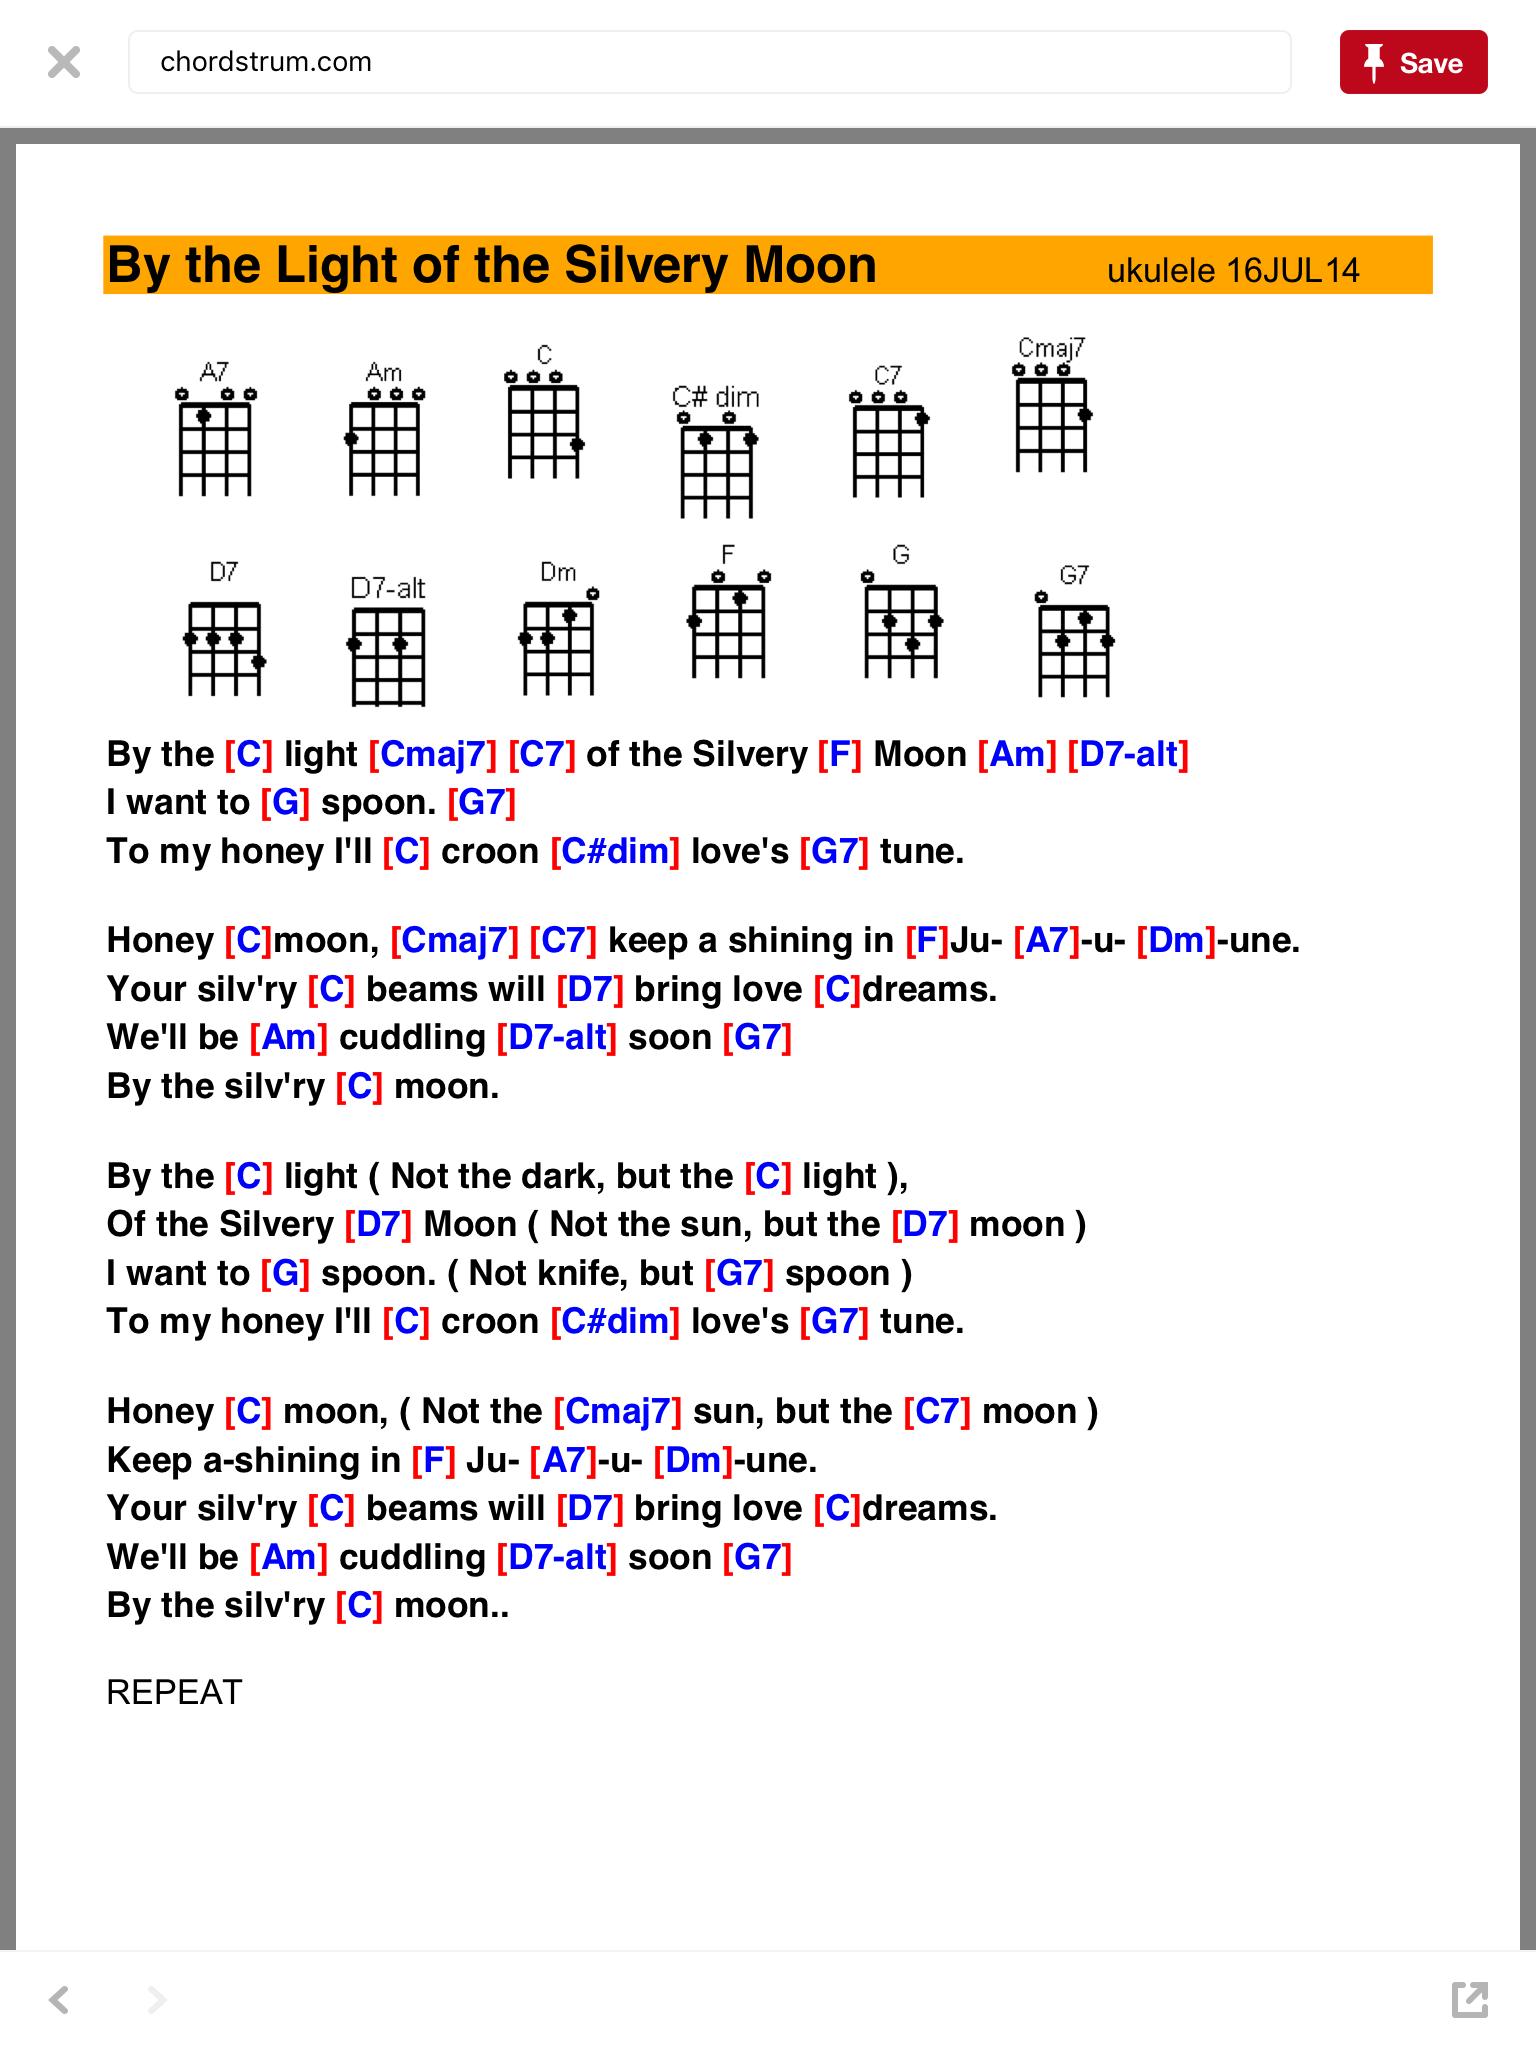 By The Light Of The Silvery Moon Ukulele Songs Ukulele Music Ukelele Songs